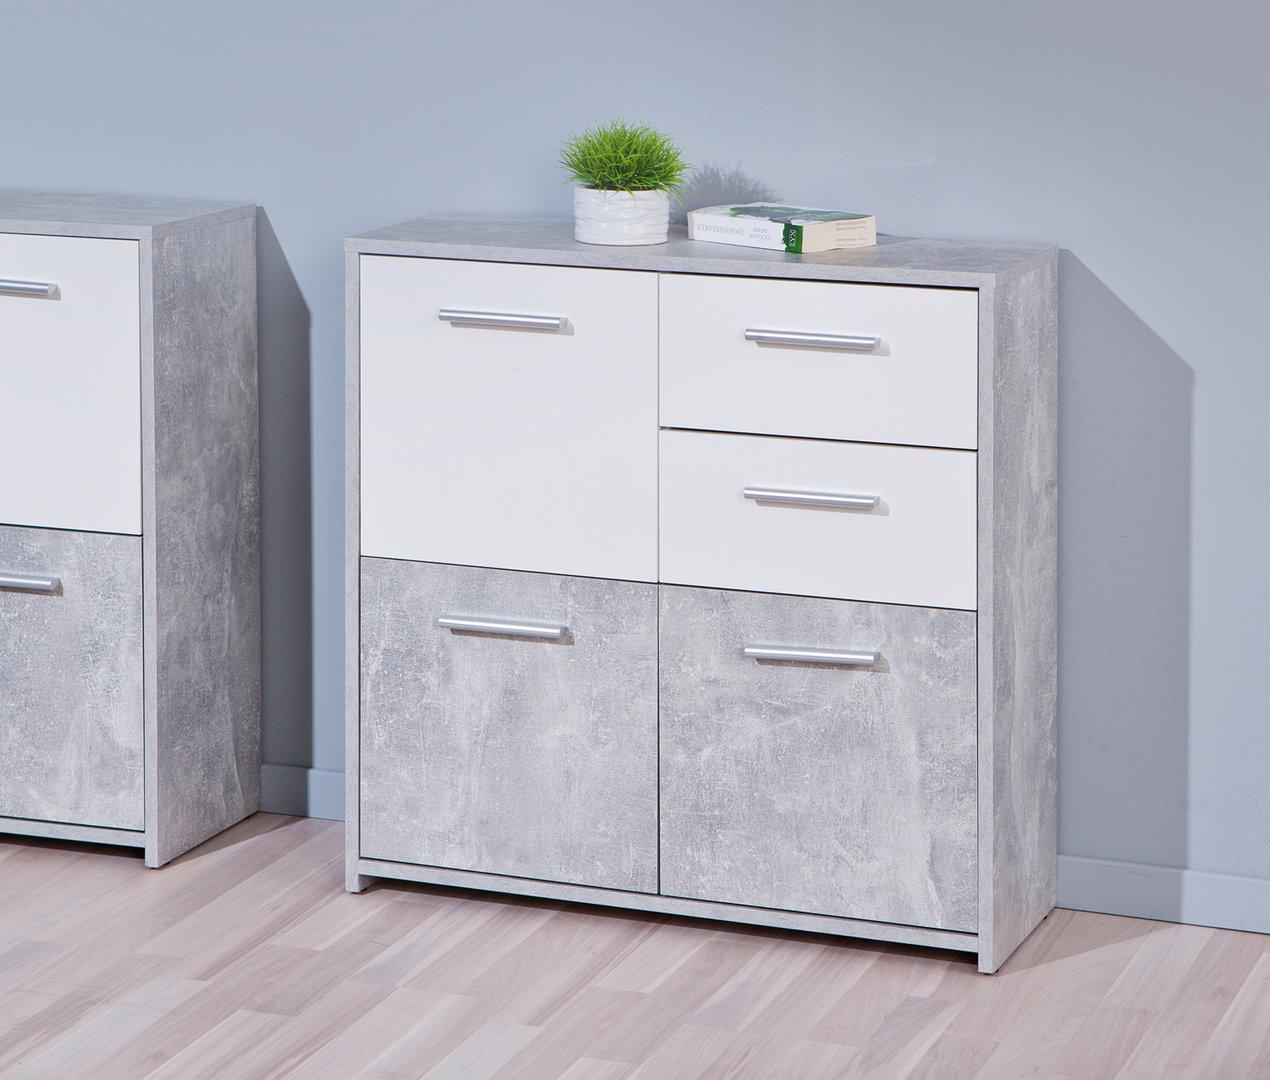 Igor mobiletto bianco e cemento, soggiorno moderno di design